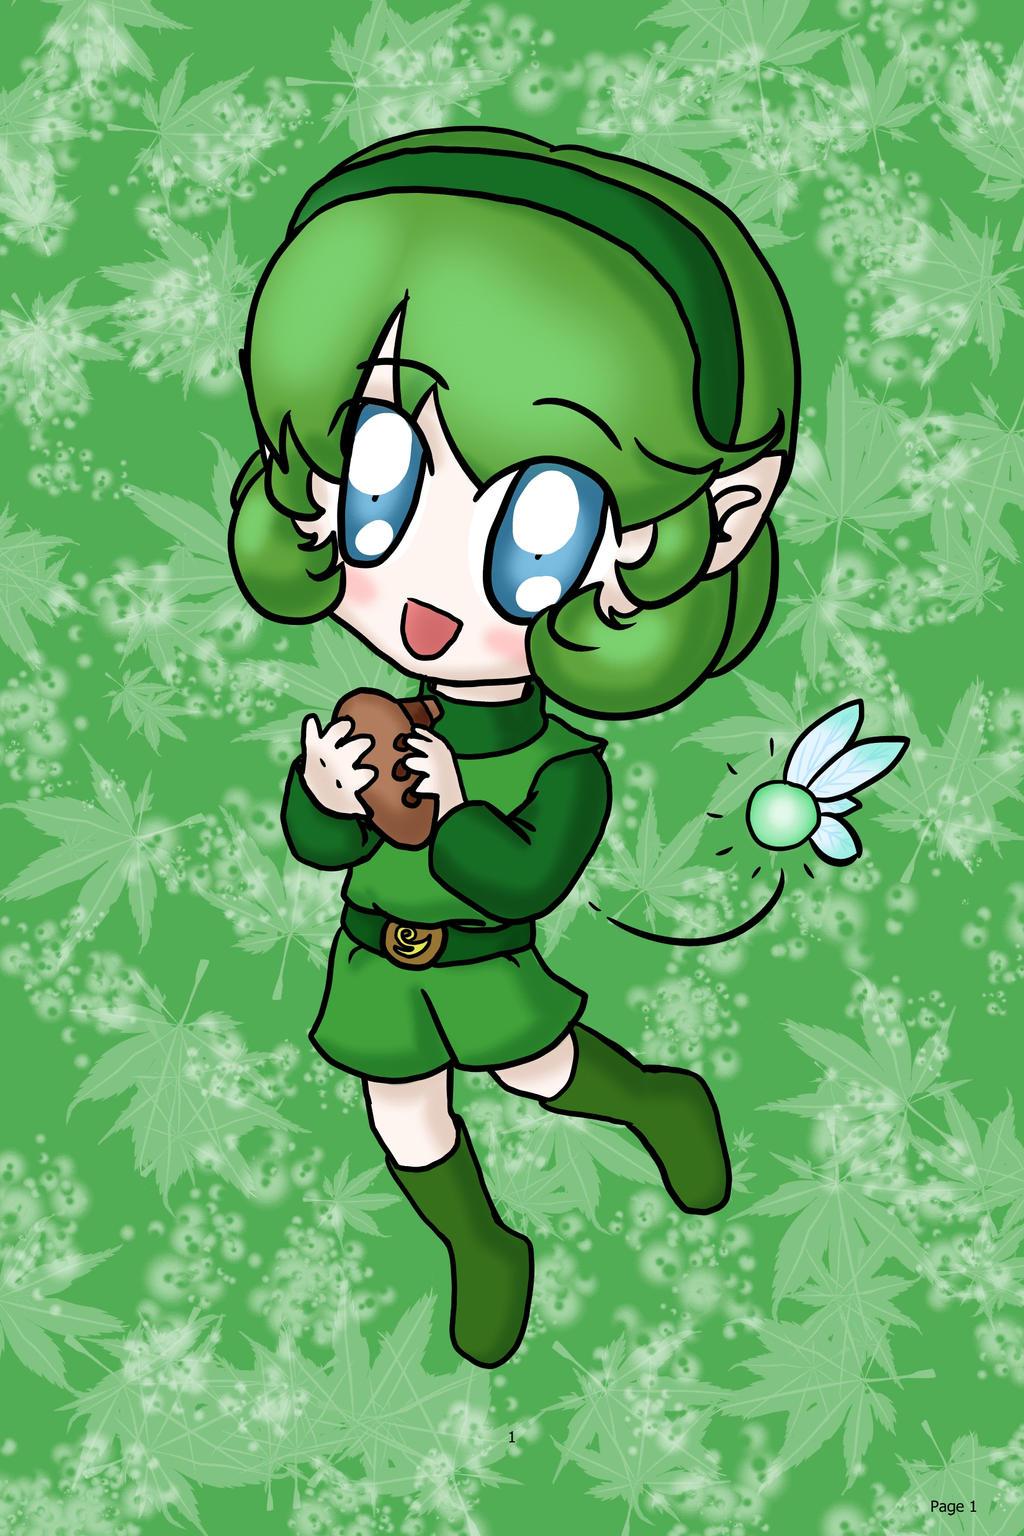 Chibi Saria by lillilotus